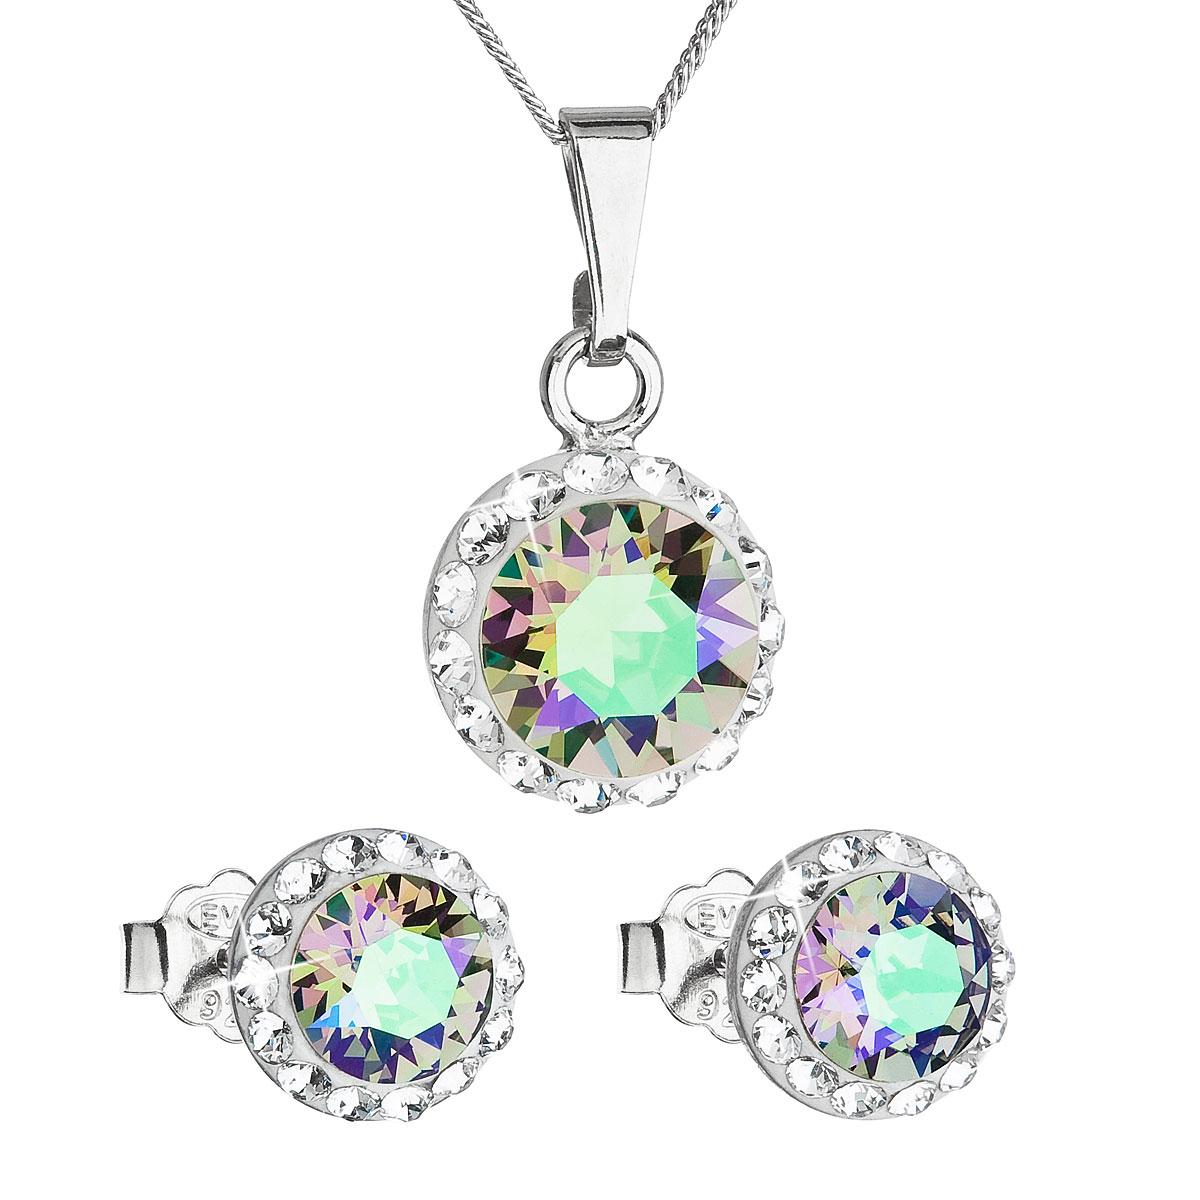 Sada šperků s krystaly Swarovski náušnice a přívěsek zelené fialové kulaté 39152.5